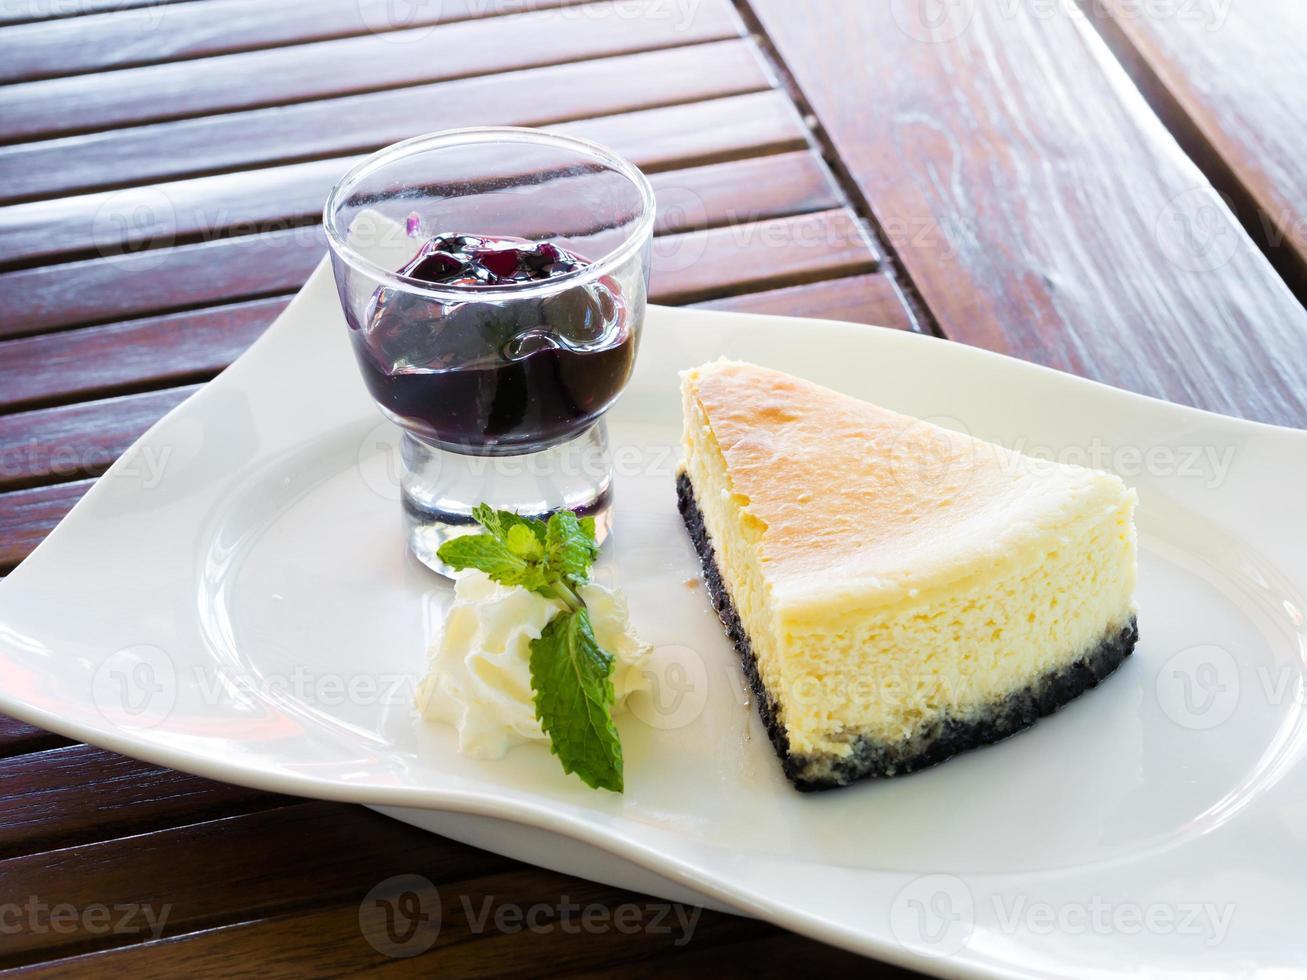 Cheesecake fresca di New York con marmellata di mirtilli foto